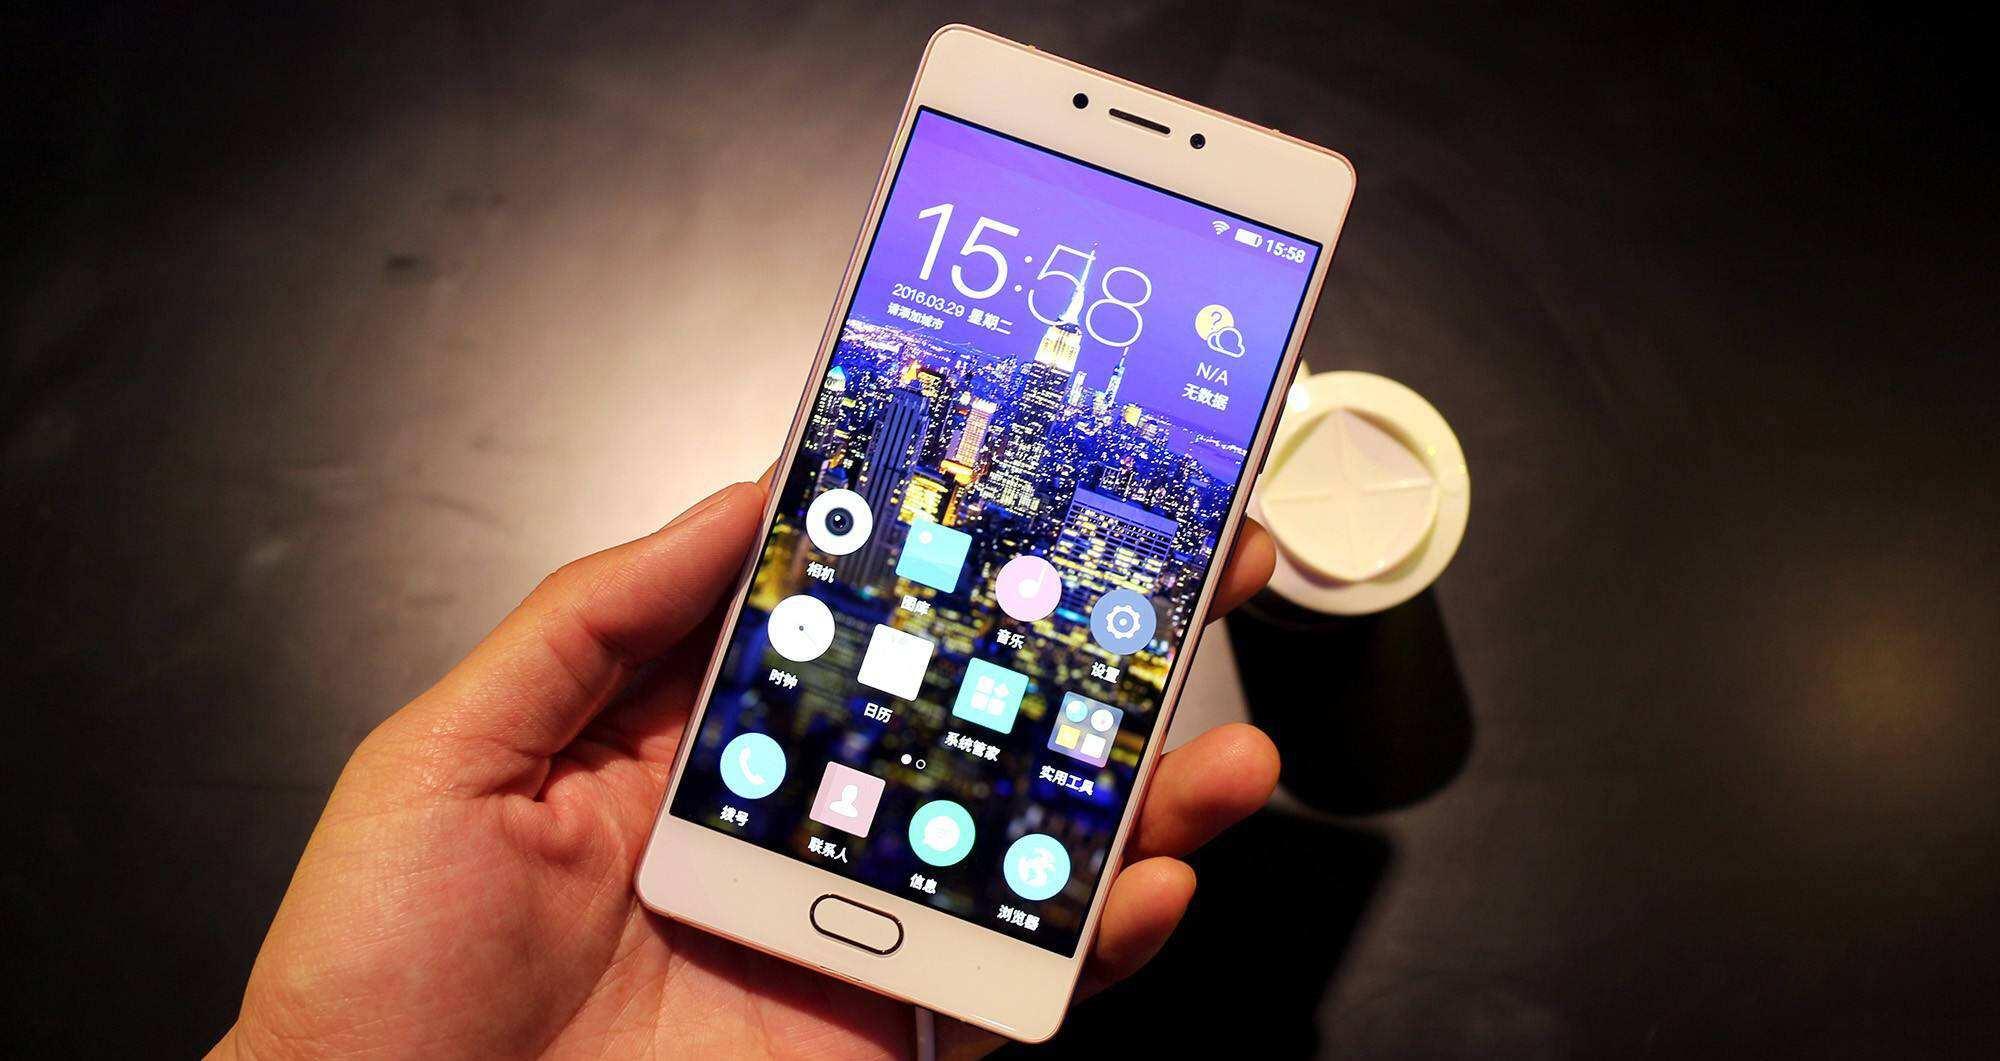 手机运行内存6G和8G到底有什么区别?买手机前一定要了解清楚!